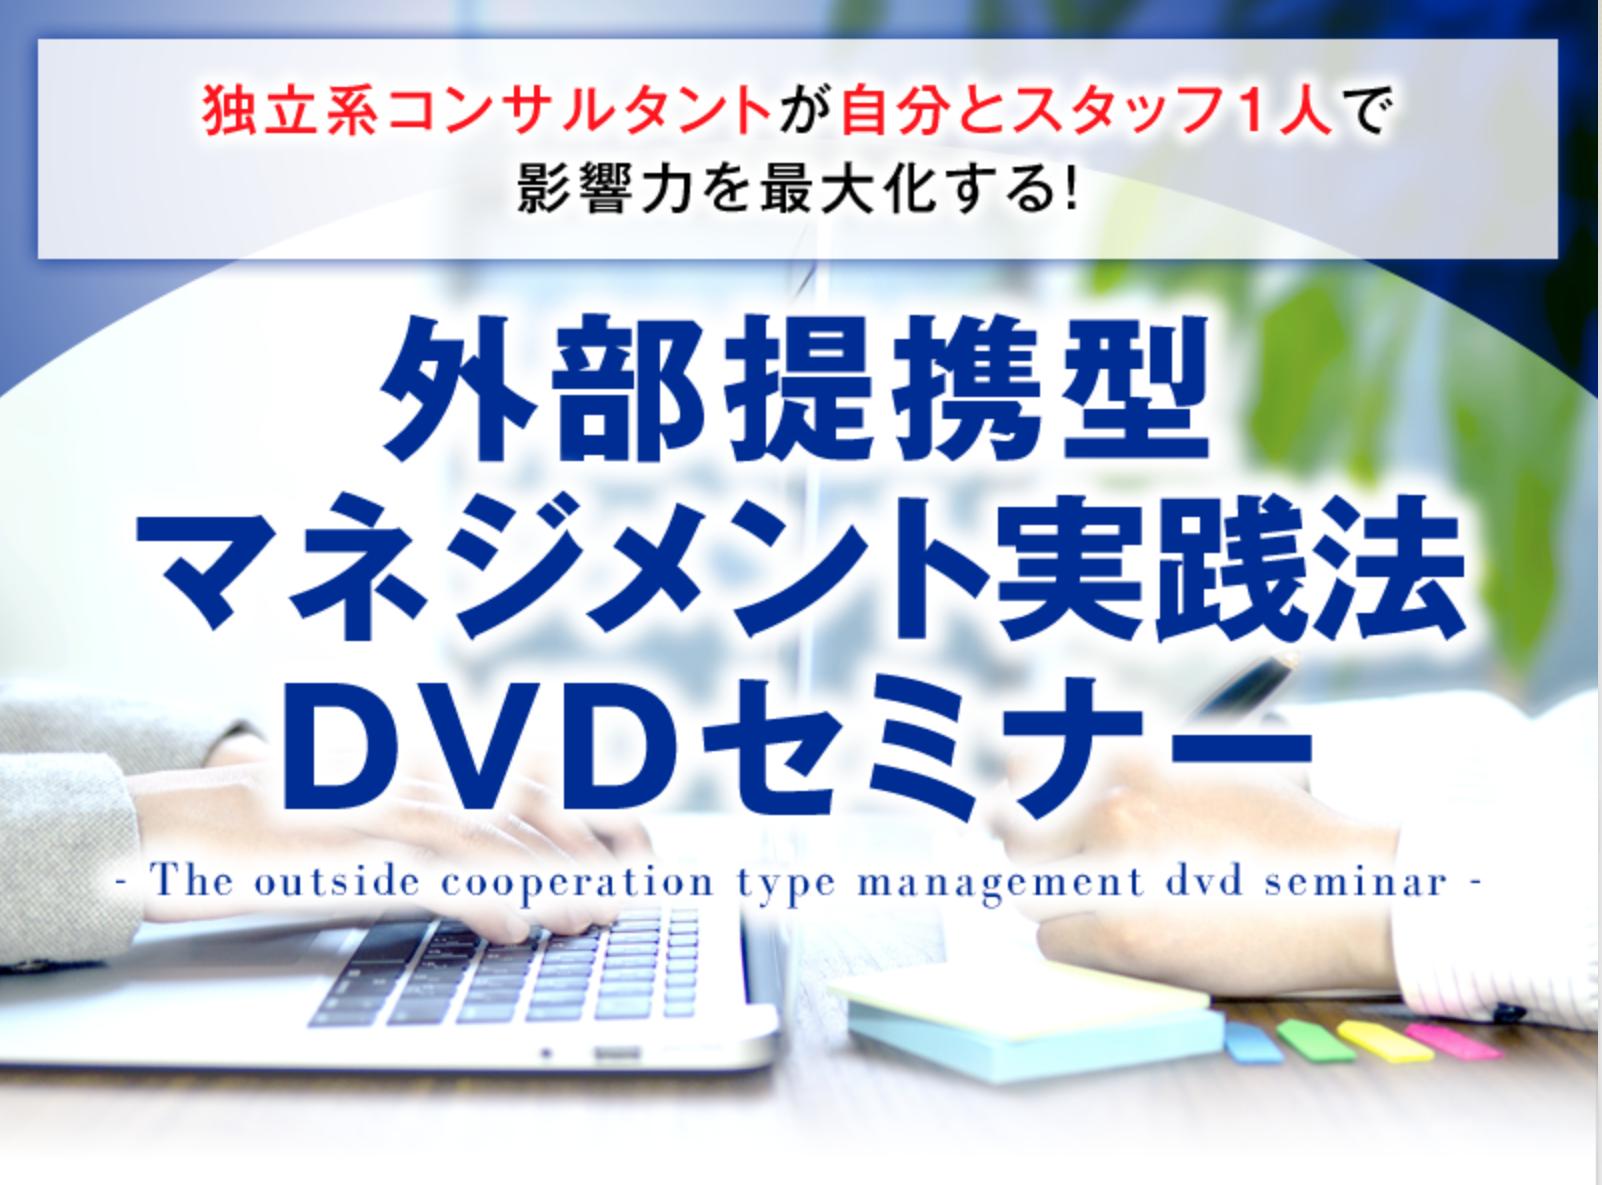 外部提携型マネジメント実践法DVDセミナー